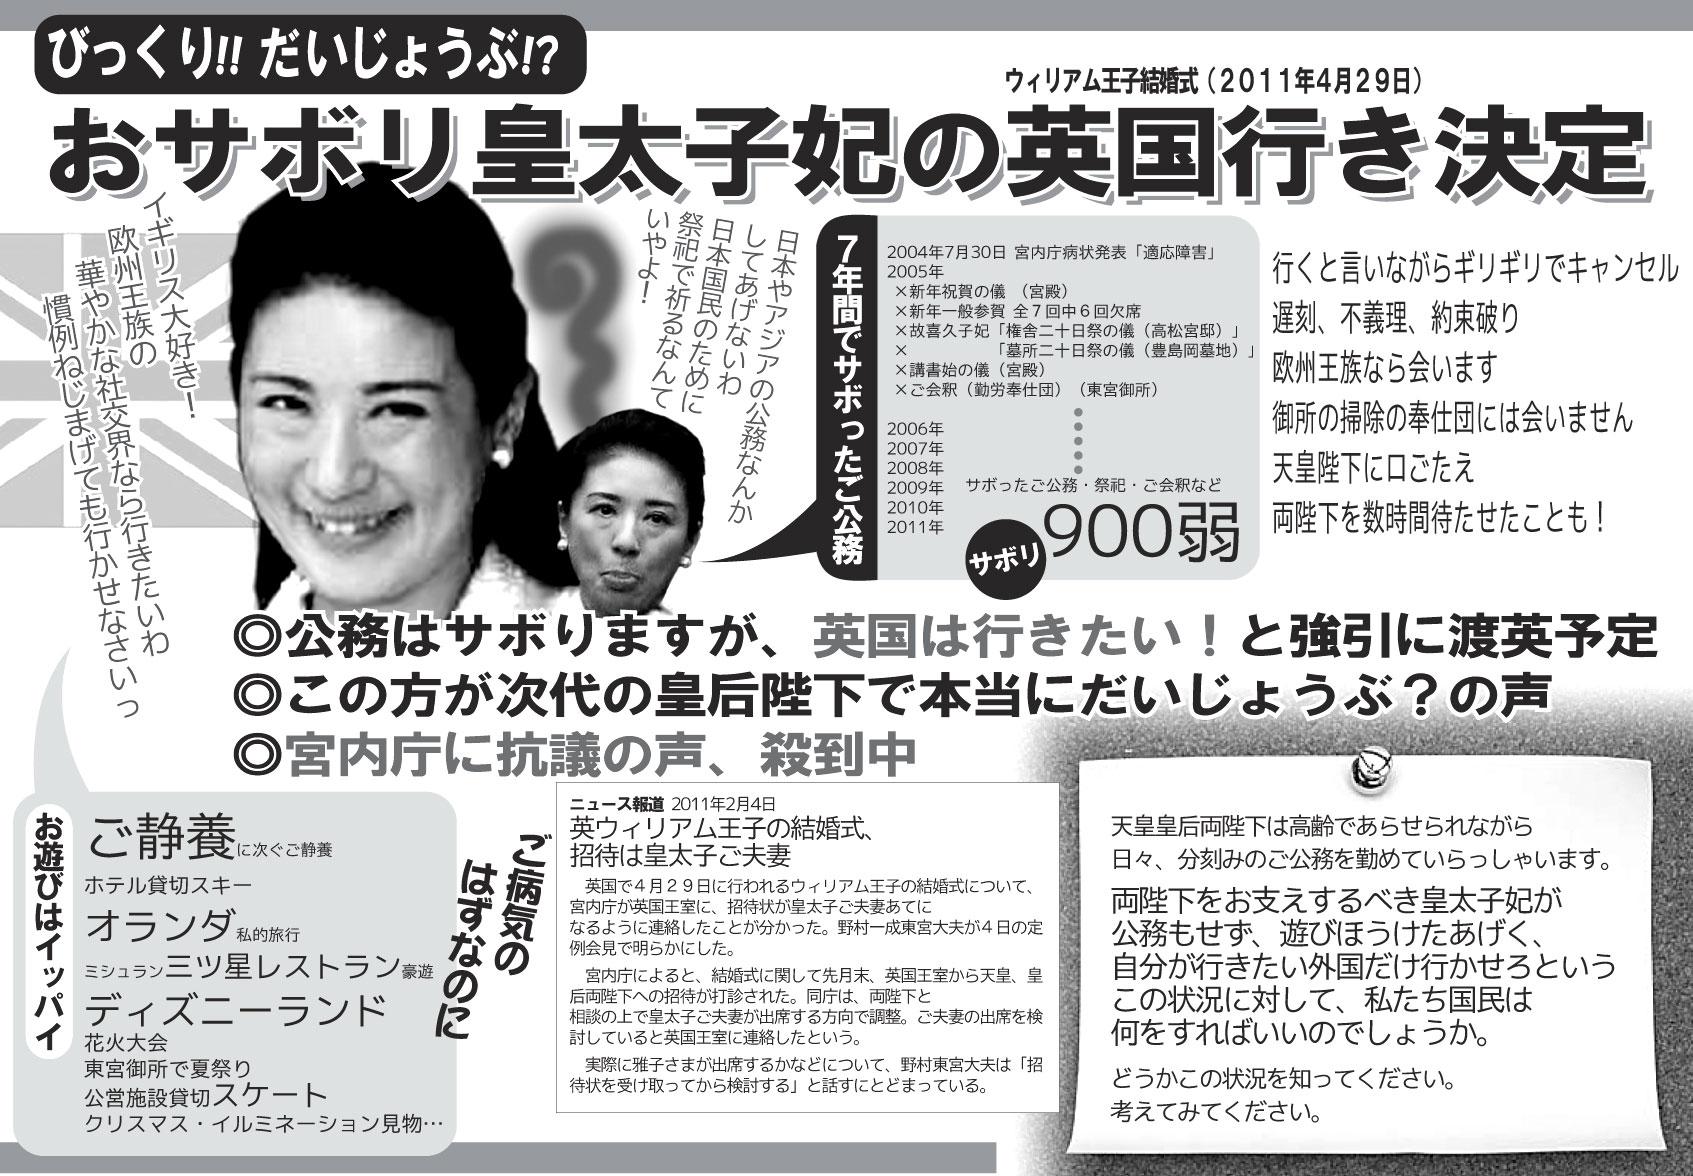 克彦 雅子 奥 小和田